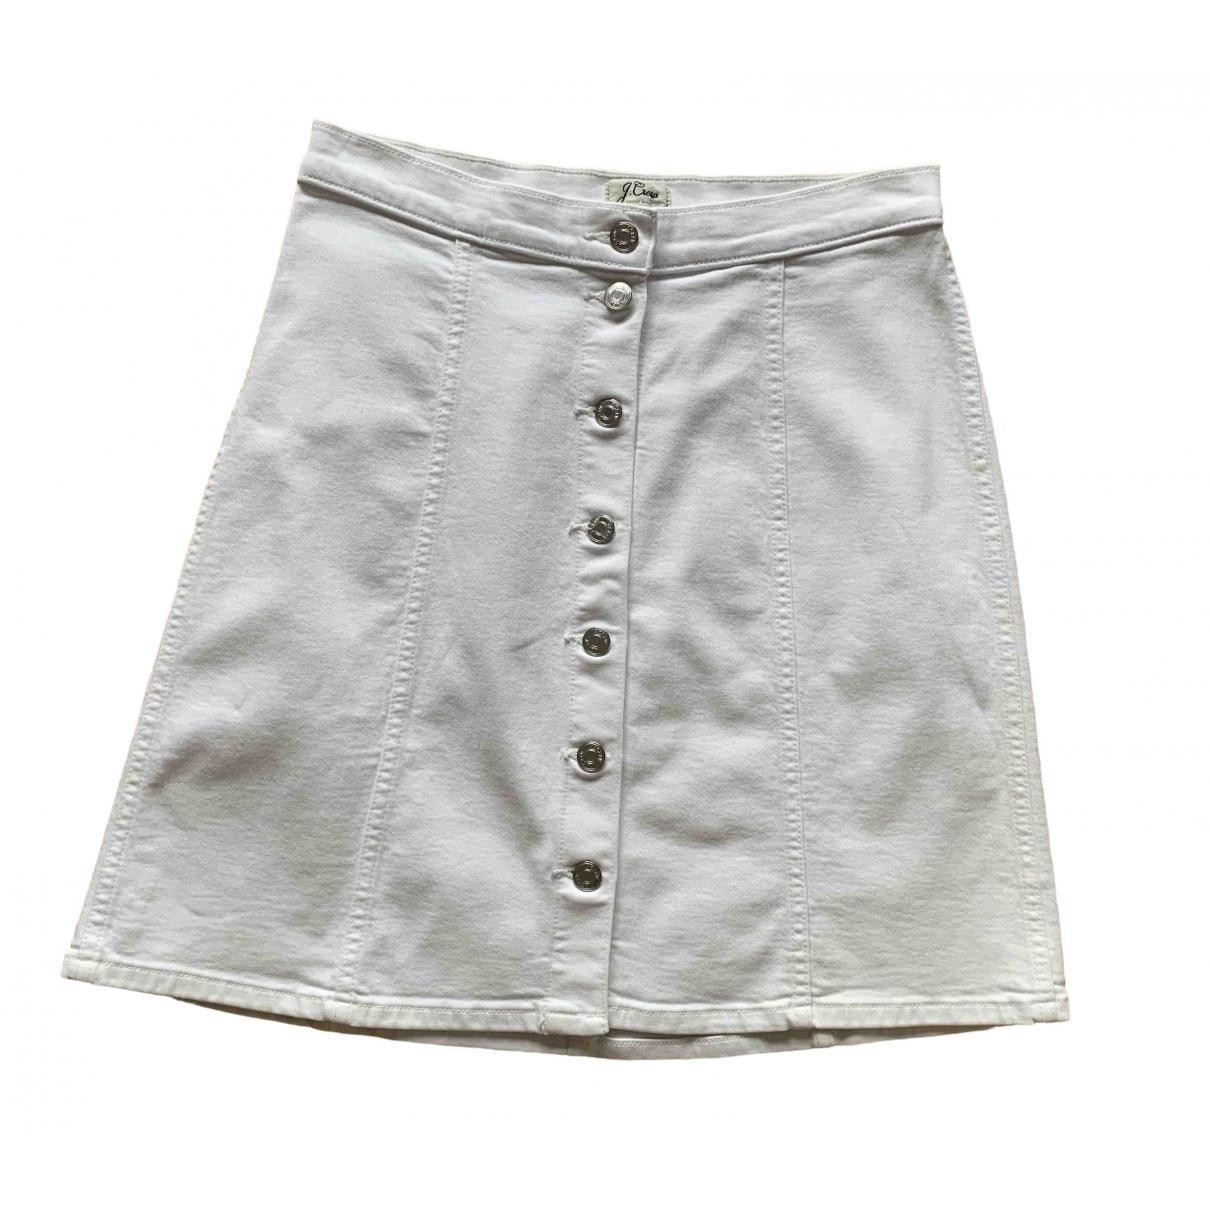 J.crew \N White Cotton - elasthane skirt for Women 38 FR